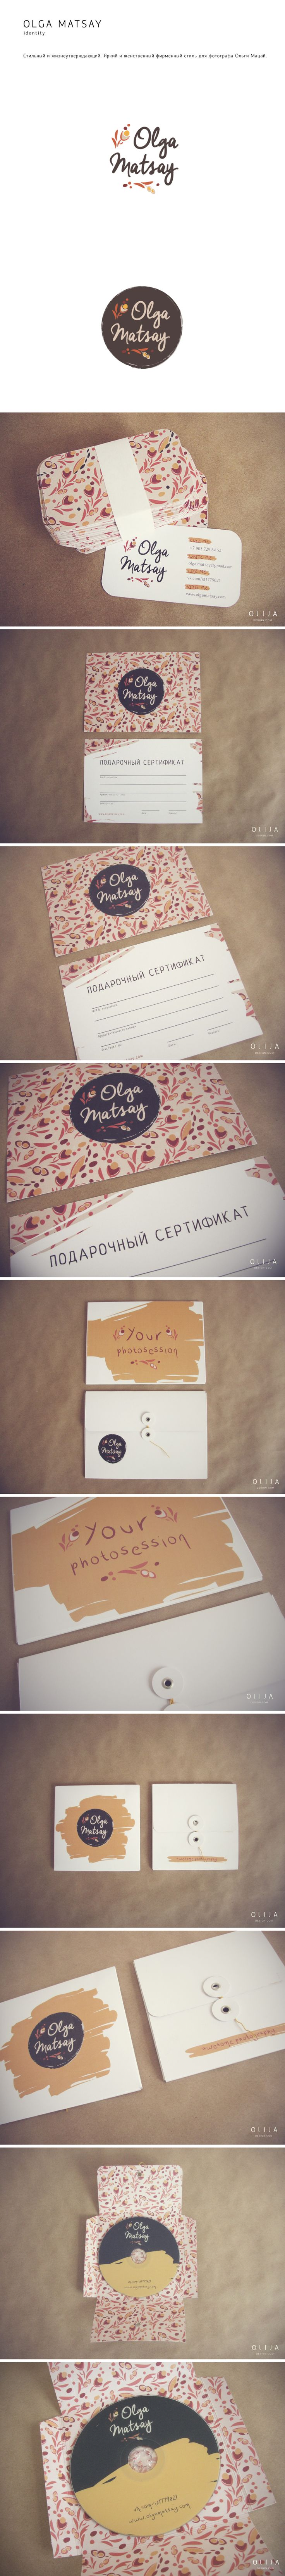 Фирменный стиль для фотографа Ольги Мацай, Identity © ОльгаВетер (Шумкова)